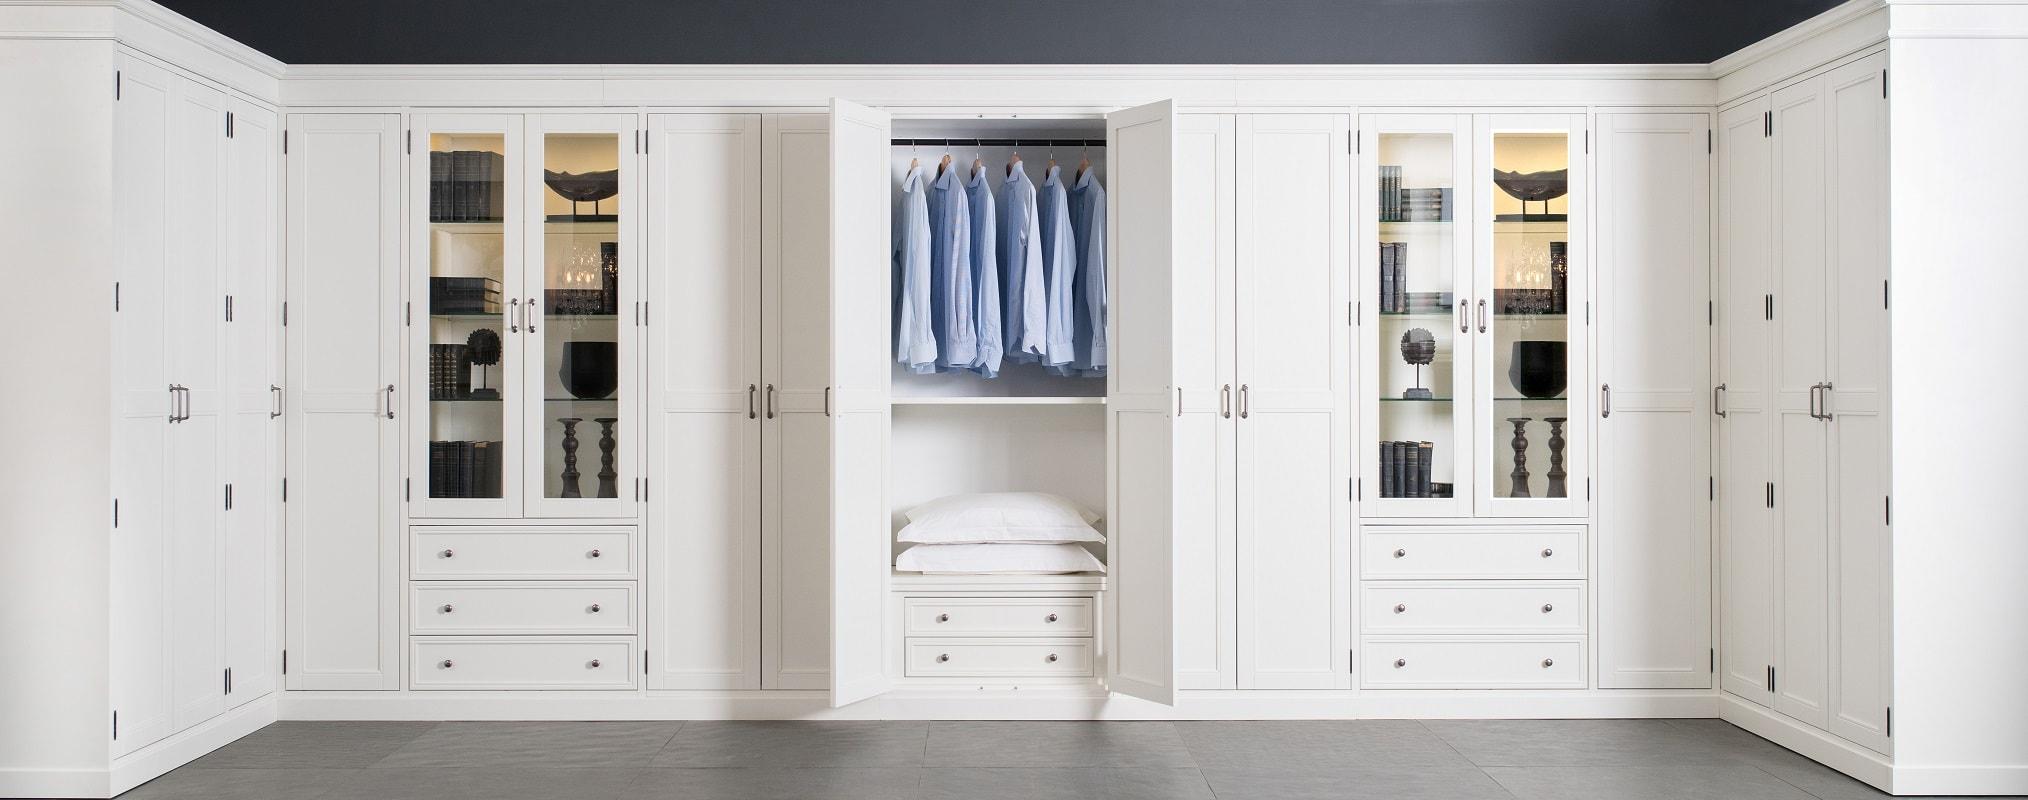 Система гардеробных шкафов